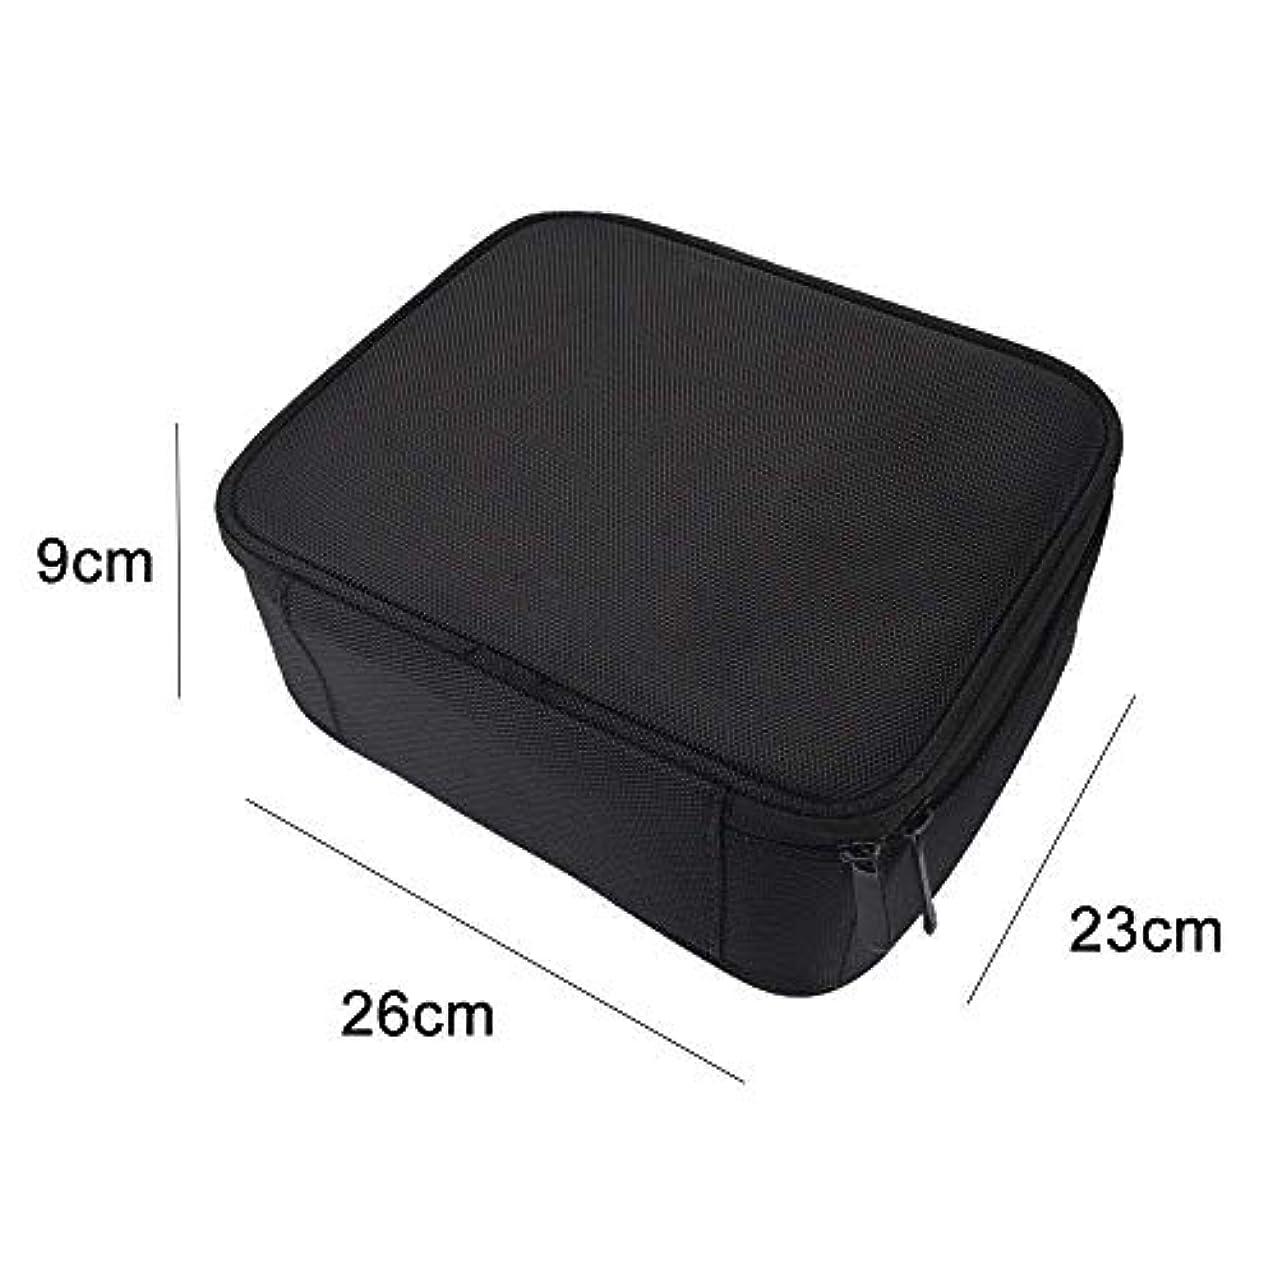 仮称グリーンランド想起高品質 收納抜群 大容量 化粧バッグ 置き方が調整できる 旅行 家用に大活躍な化粧箱 (黑)